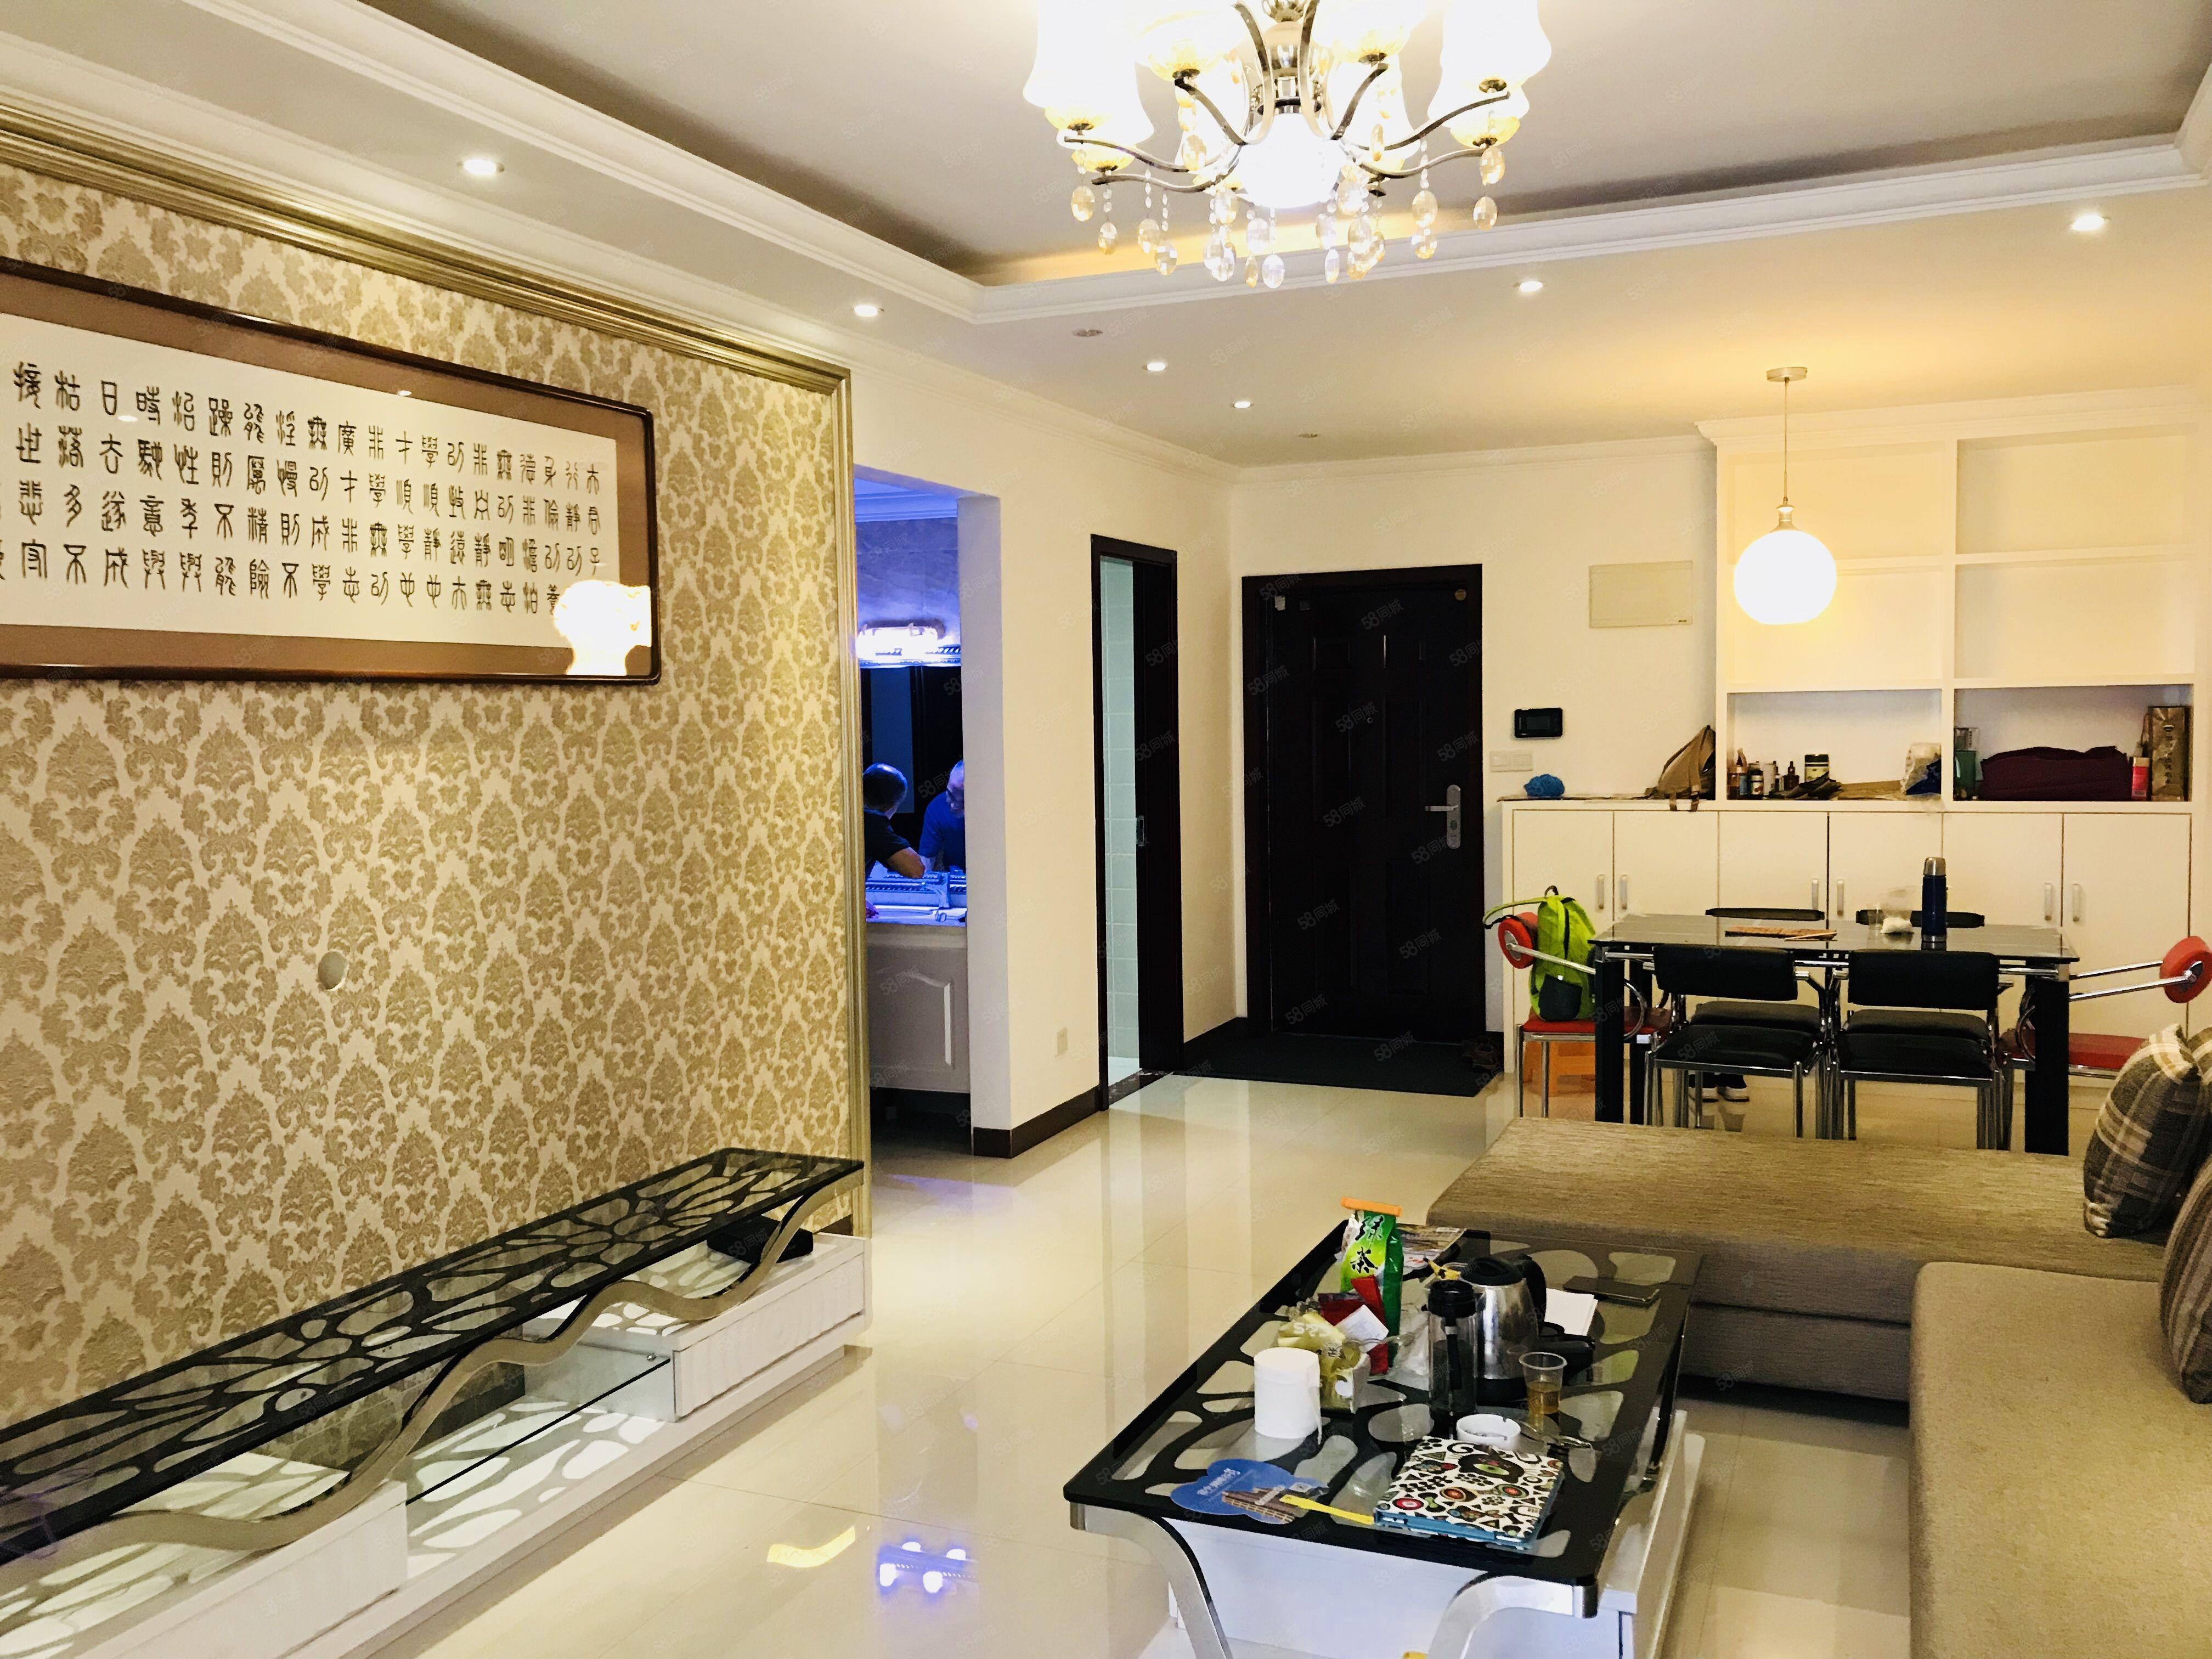 花果園C區雙子塔旁首付17萬三居室房產證過戶隨時看房